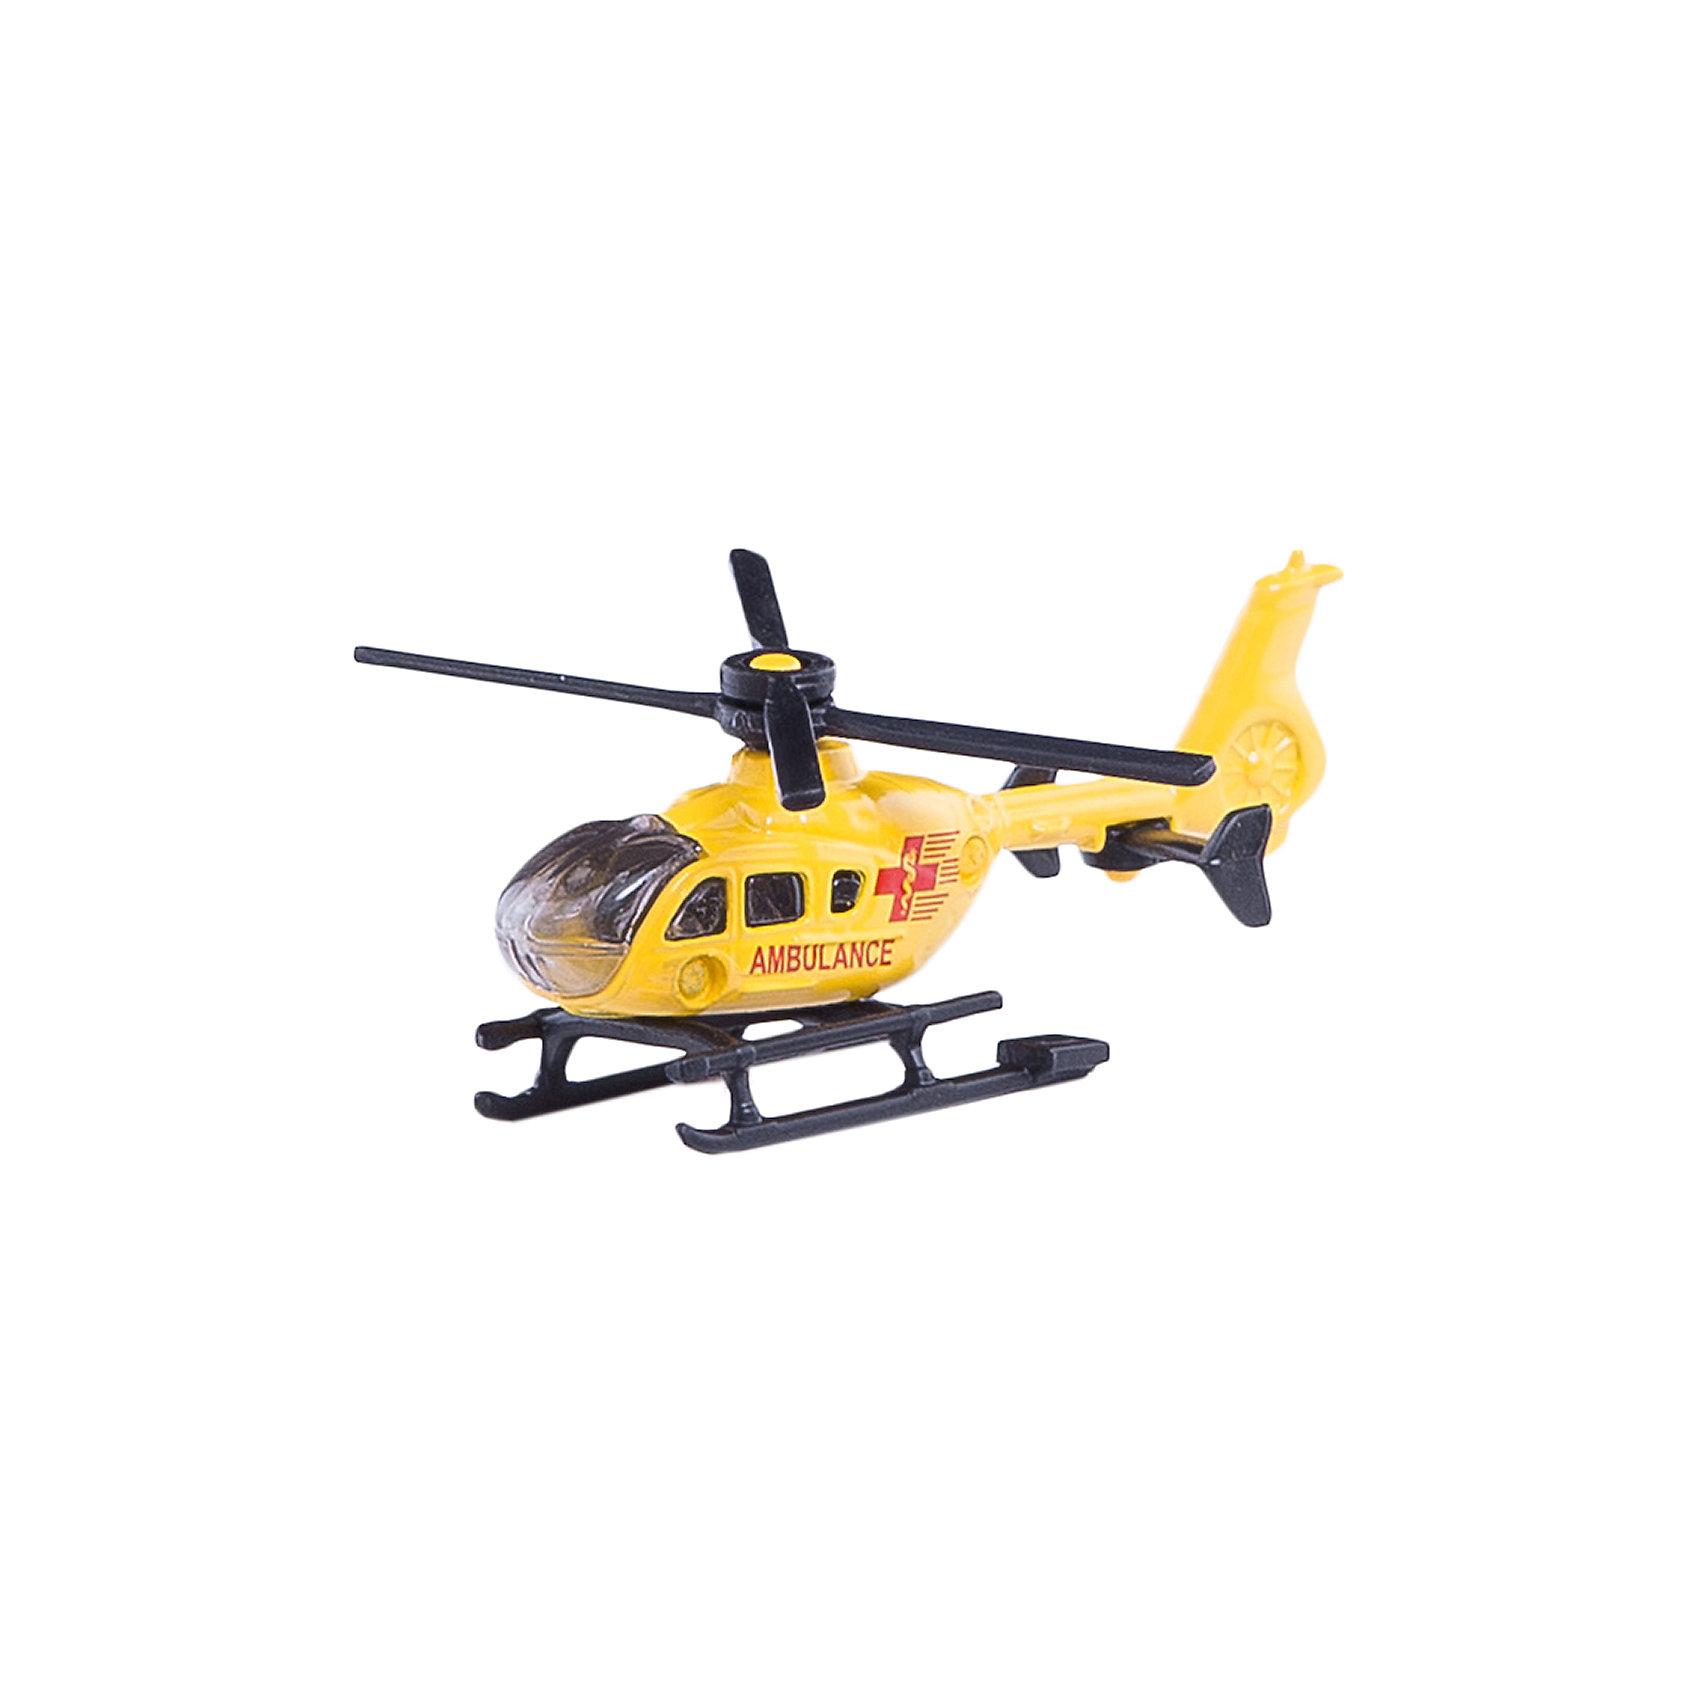 SIKU 0856 Спасательный вертолетСамолёты и вертолёты<br>SIKU (СИКУ) 0856 Спасательный вертолет быстро прибудет туда, где нужна помощь.<br><br>Корпус выполнен из металла, лобовое стекло и боковые стёкла из прозрачного пластика, винт вращается.<br><br>Дополнительная информация:<br>-Материал: металл с элементами пластмассы<br>-Размер игрушки: 8,1 x 6,7 x 3,1 см<br><br>Спасательный вертолет прекрасно подойдет для ребят, увлекающихся техникой.<br><br>SIKU (СИКУ) 0856 Спасательный вертолет можно купить в нашем магазине.<br><br>Ширина мм: 92<br>Глубина мм: 75<br>Высота мм: 31<br>Вес г: 32<br>Возраст от месяцев: 36<br>Возраст до месяцев: 96<br>Пол: Мужской<br>Возраст: Детский<br>SKU: 1439831